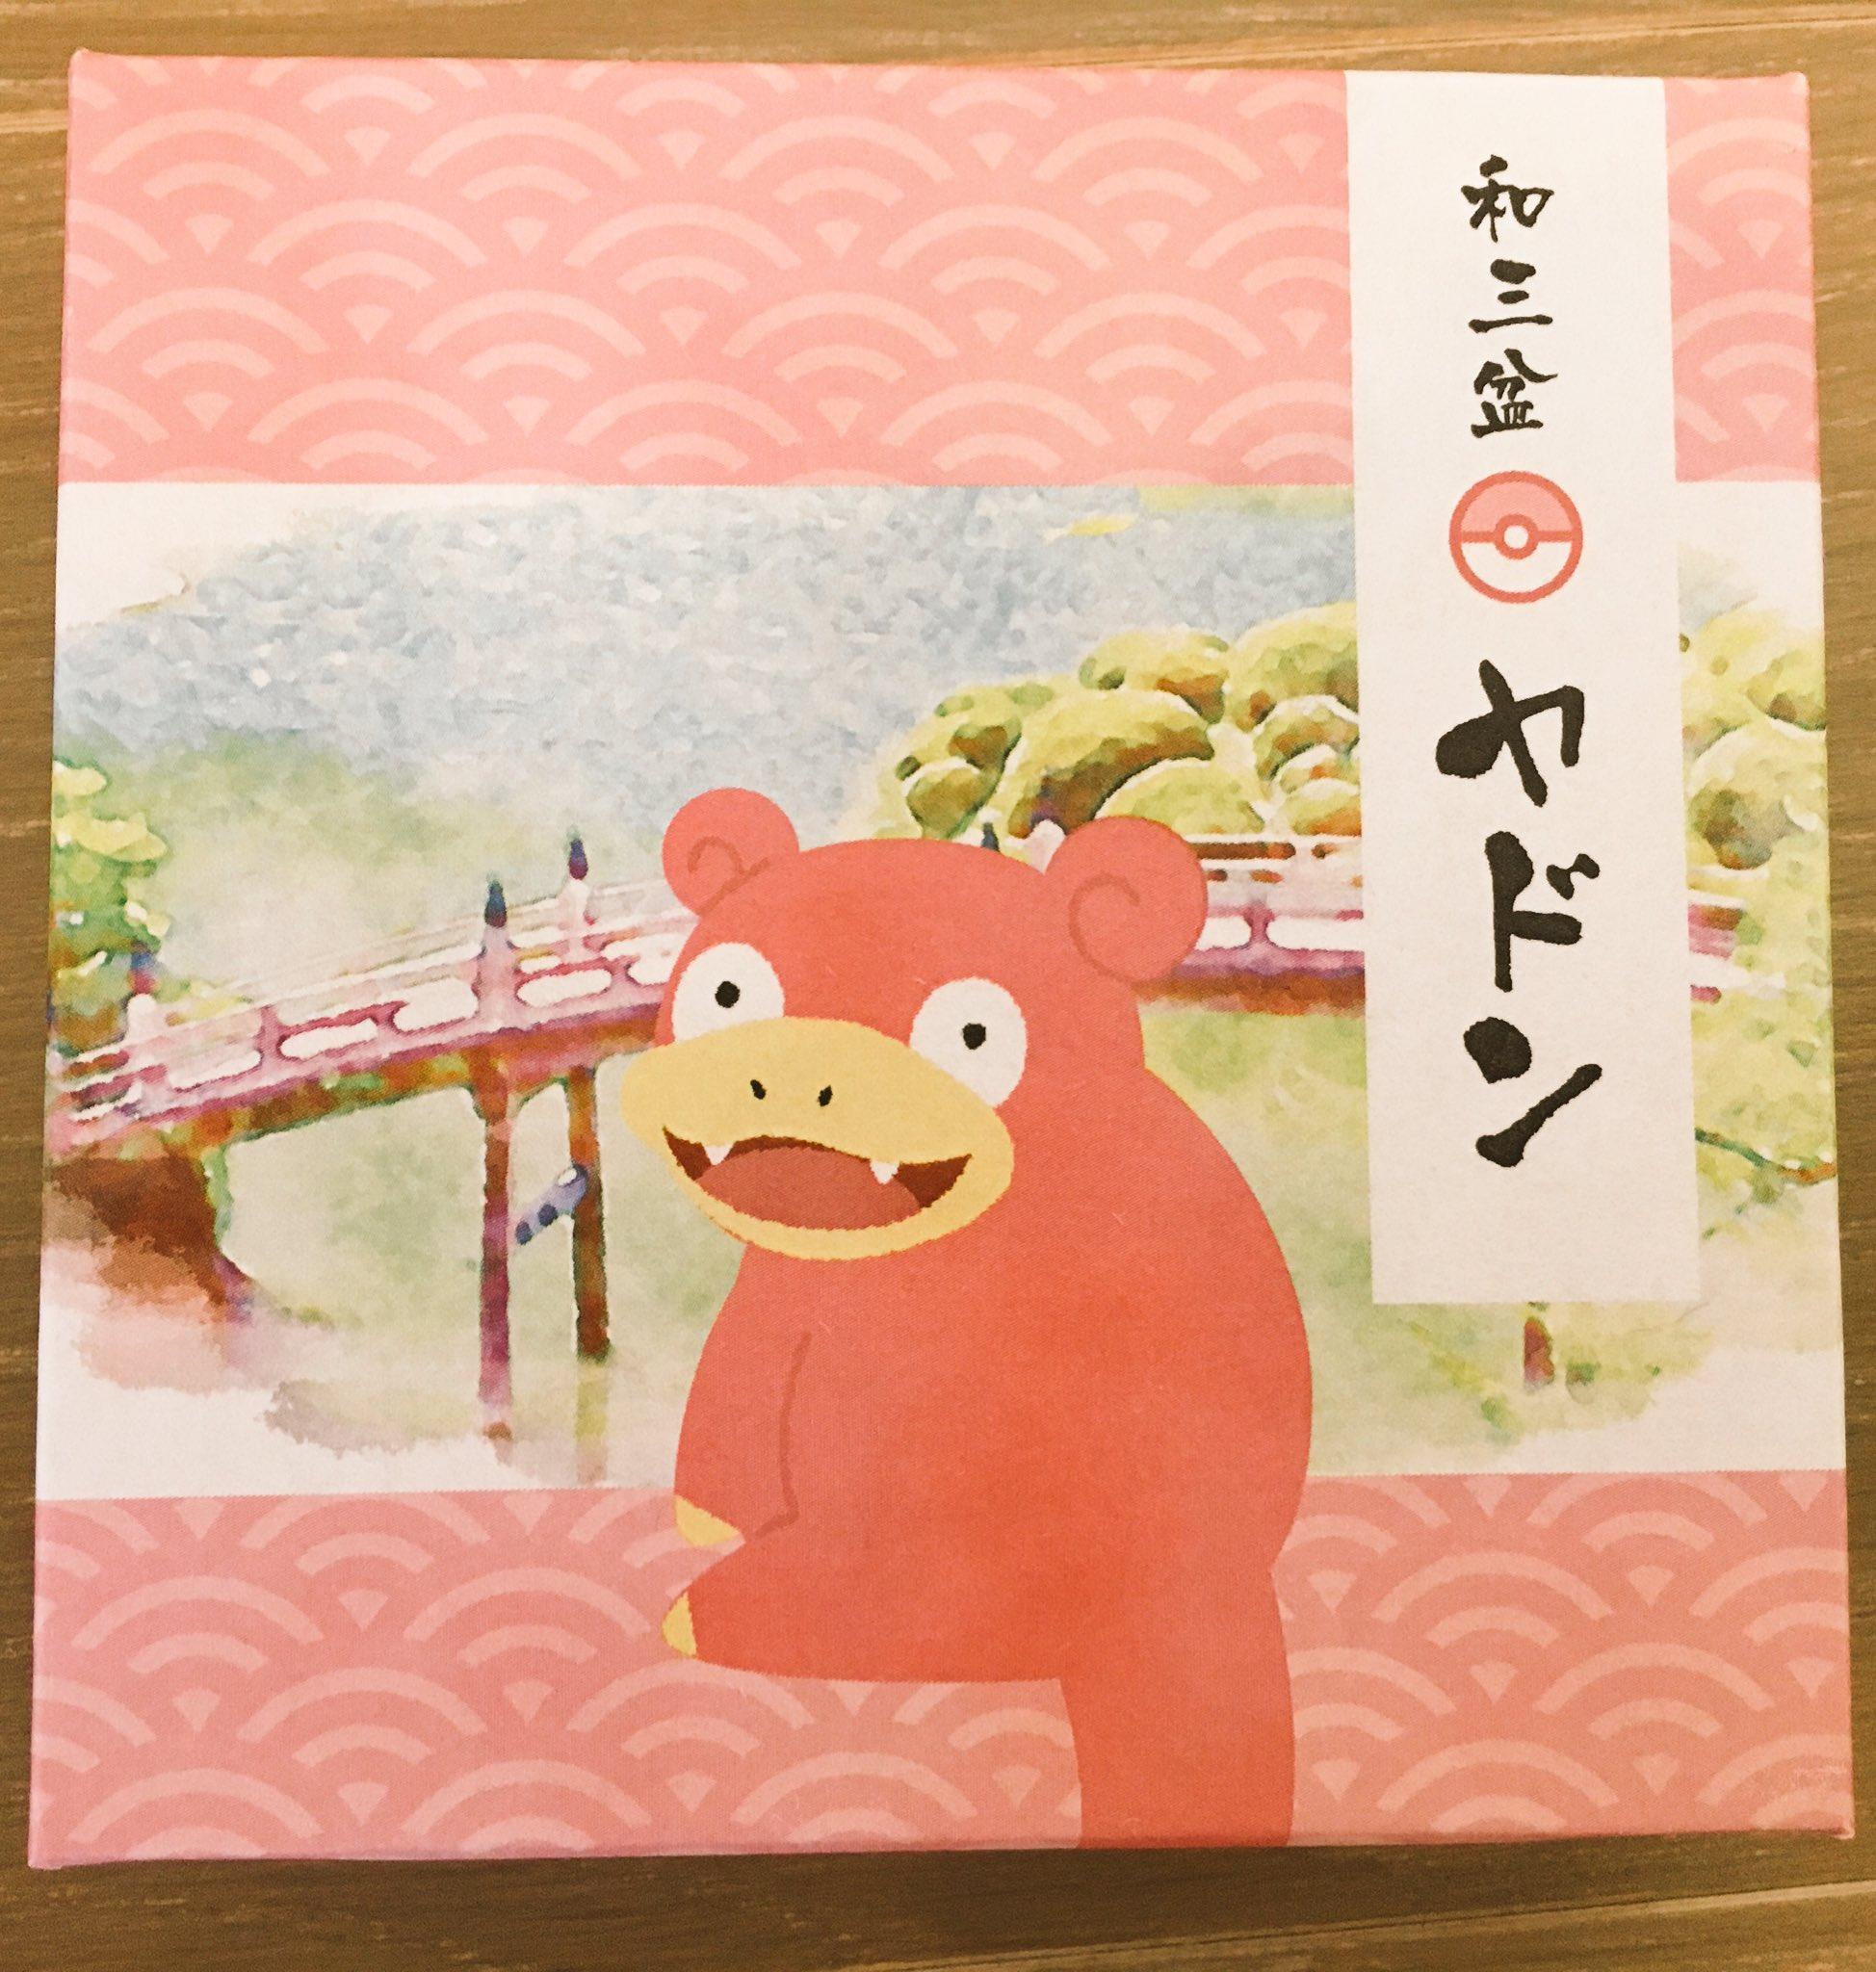 香川県限定のヤドンの和三盆というお菓子を手に入れましたが、食べるのもったいないです!!京都だとはくせんこうというお菓子に似てますね。